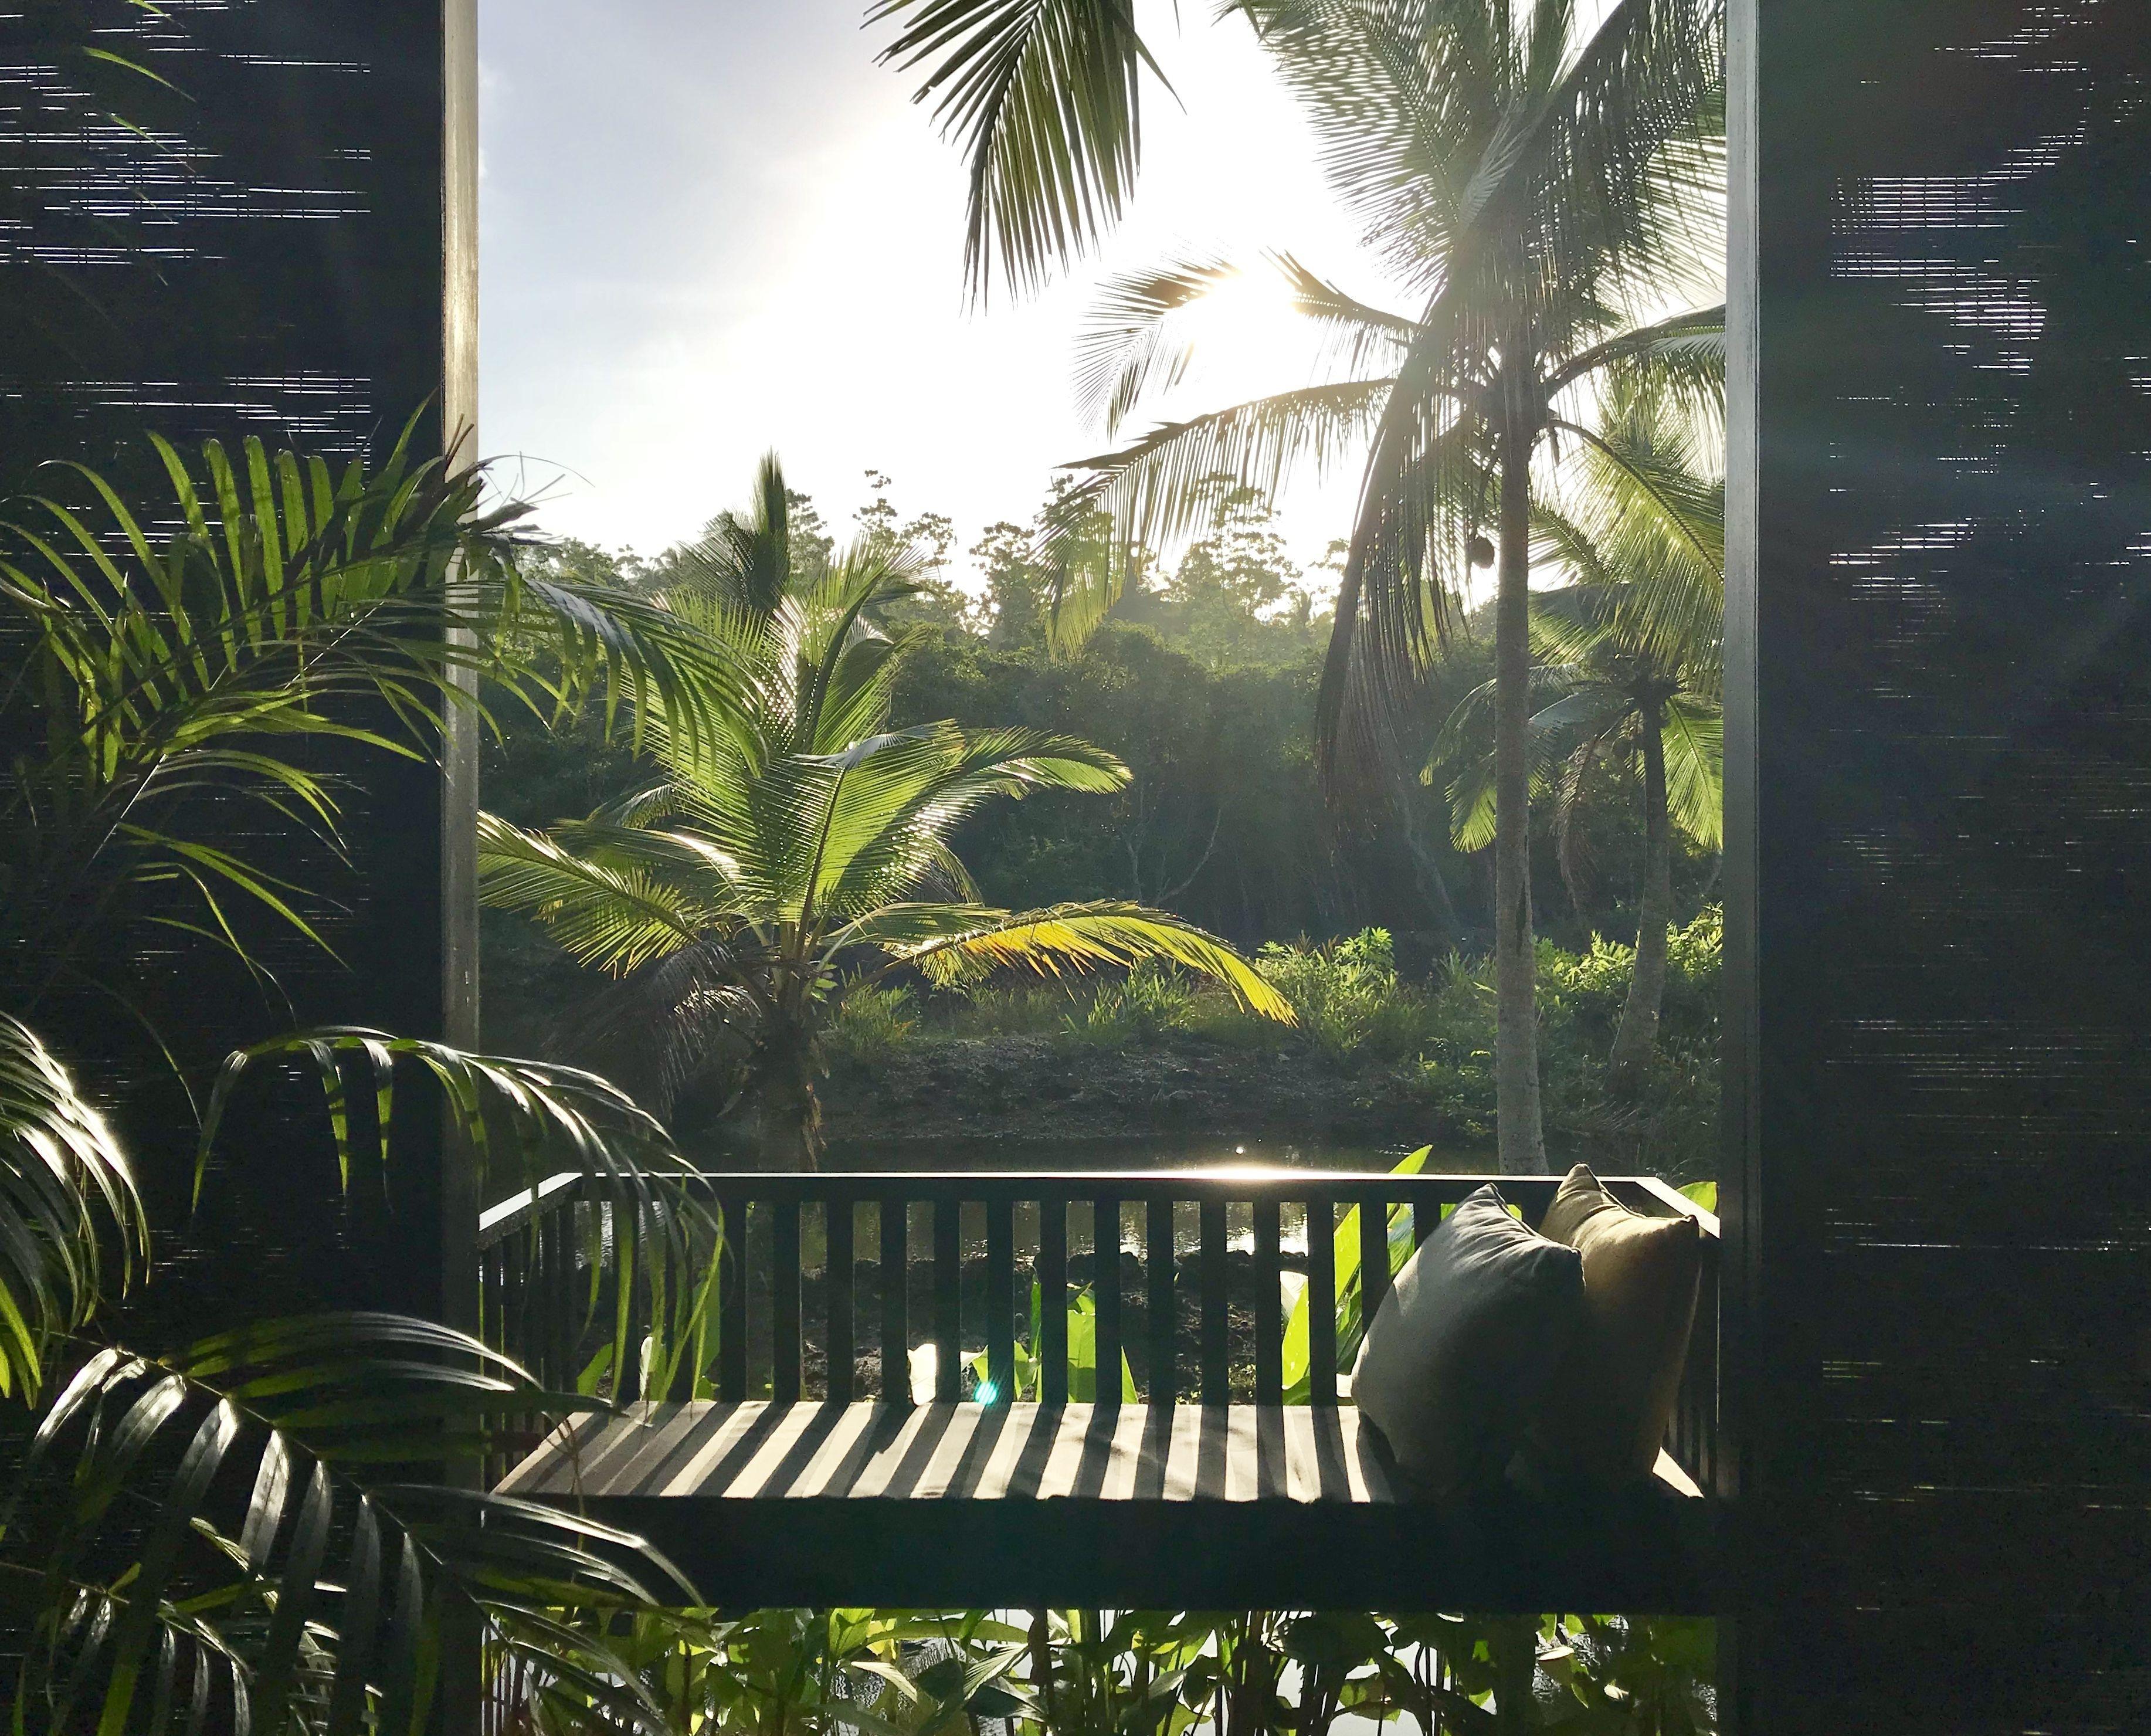 Courtesy of Kaju Green Eco Lodges / Expedia.com